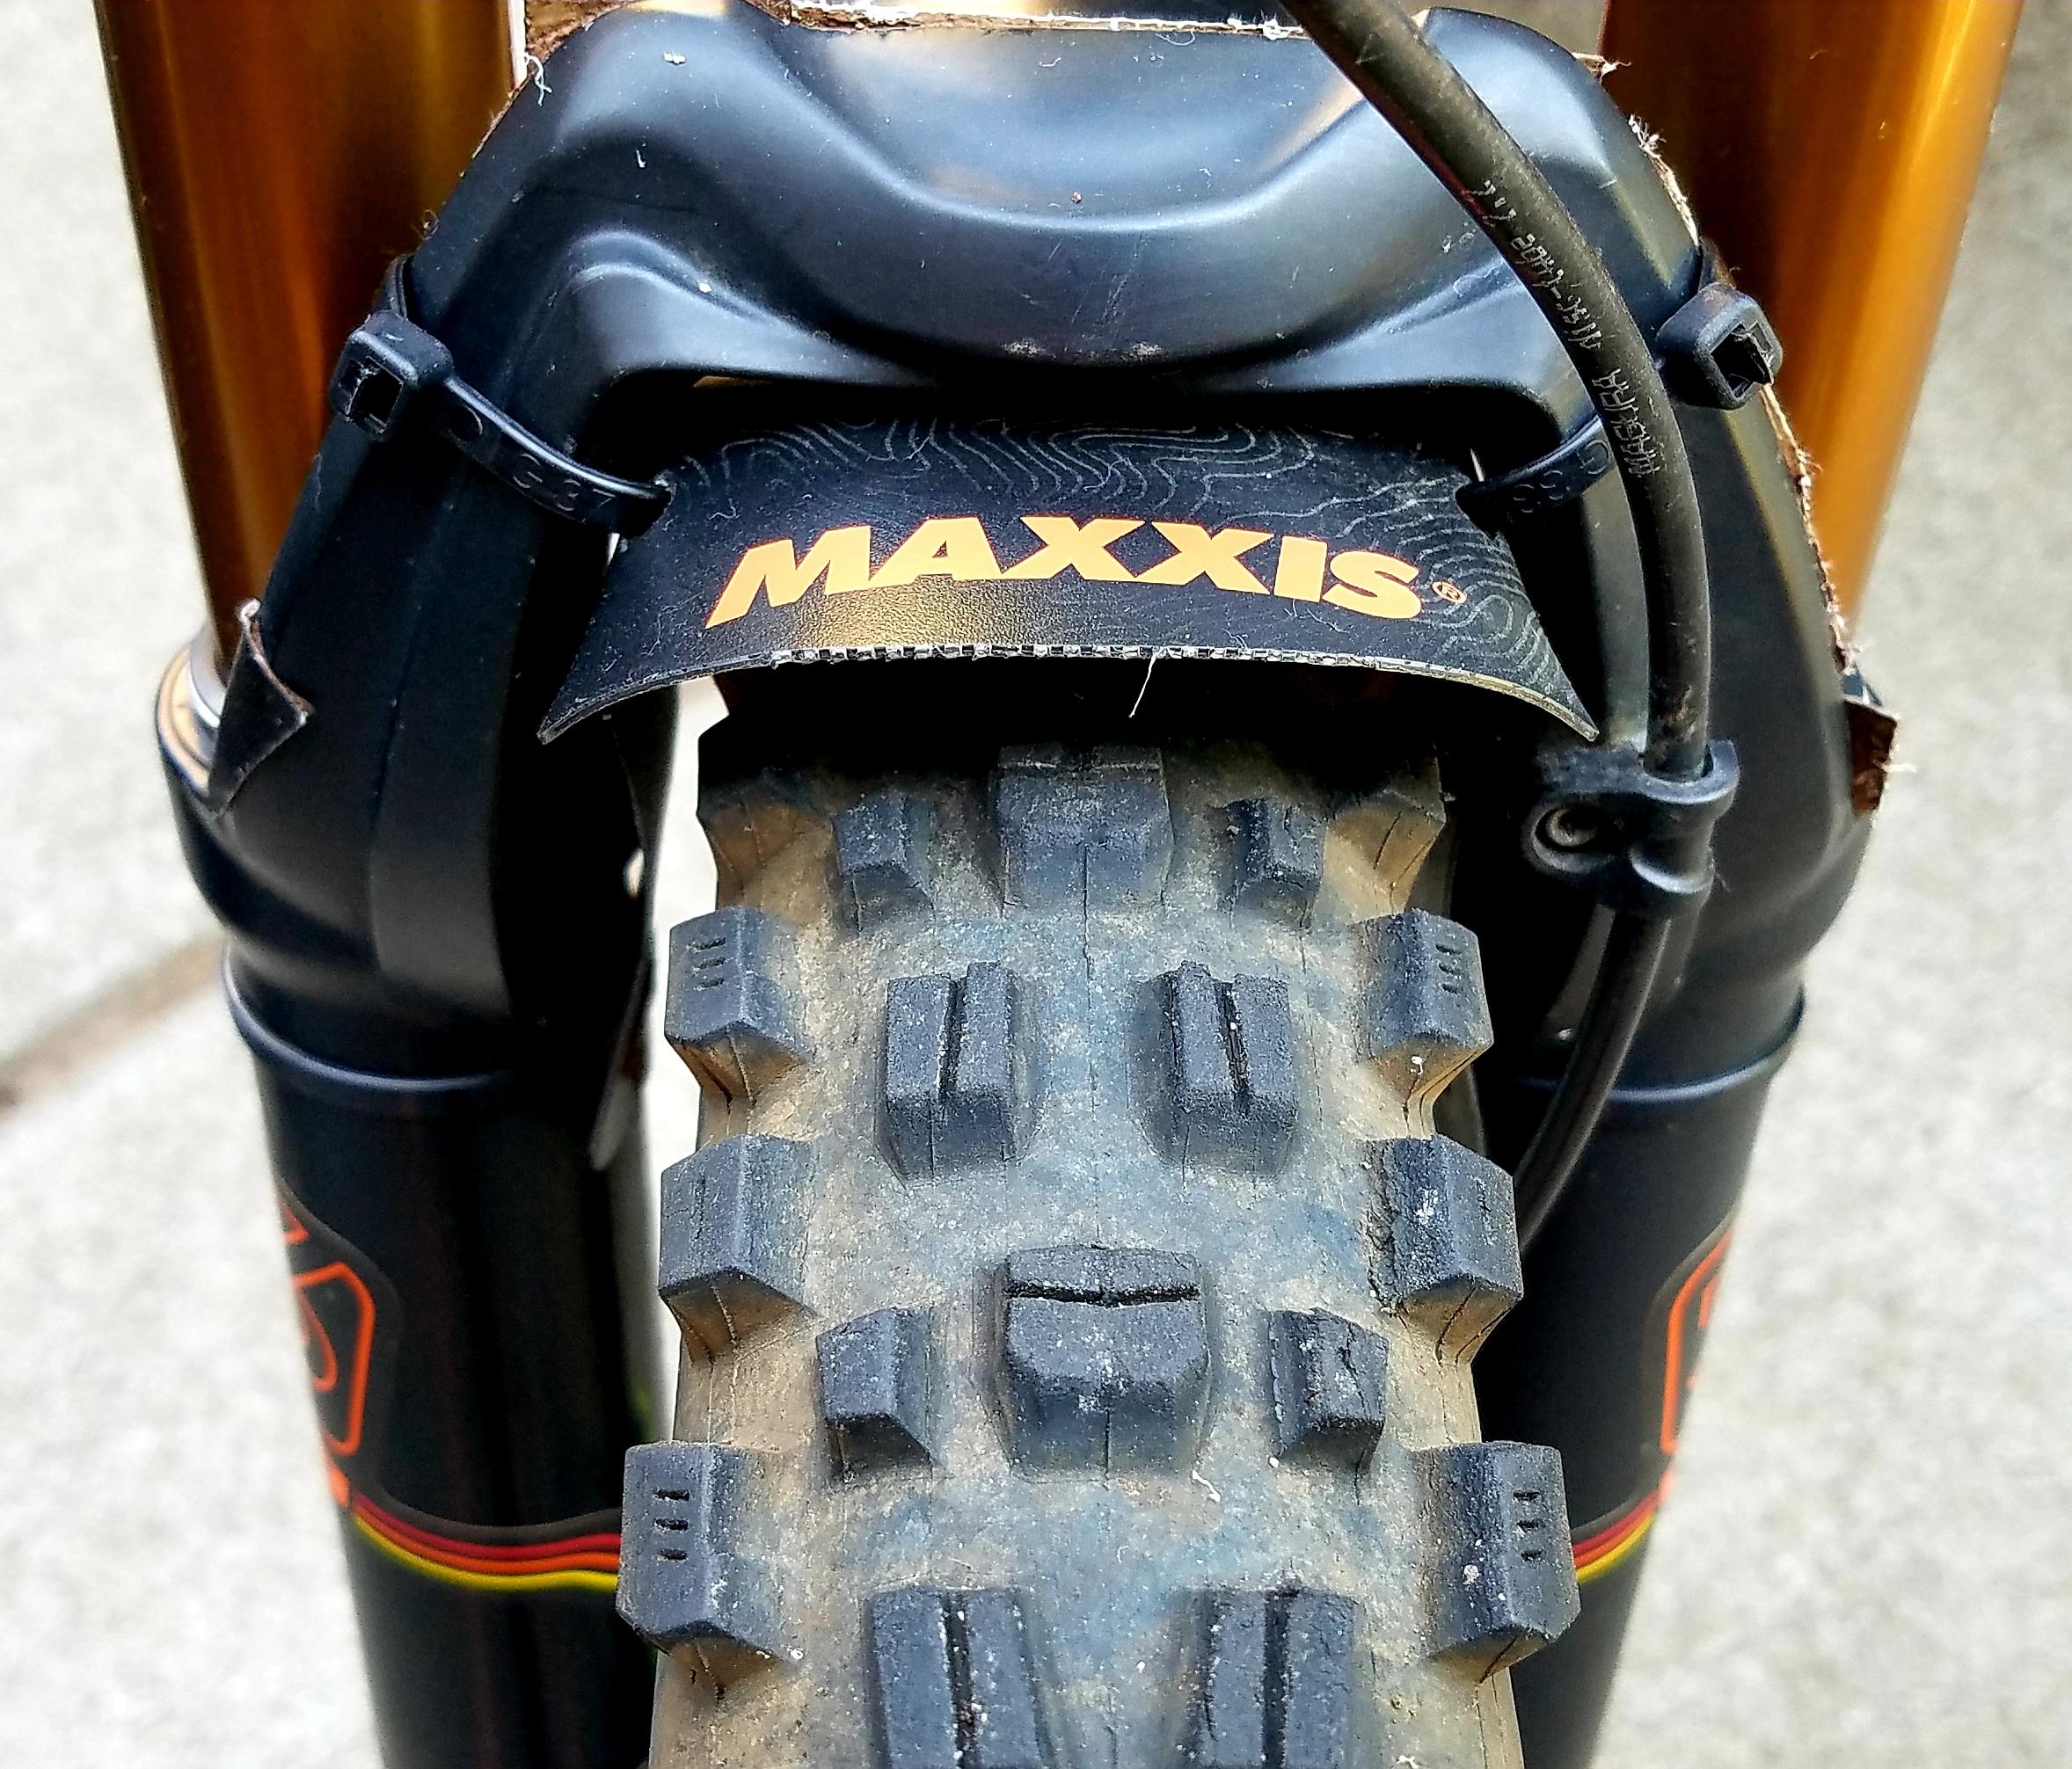 Tire wear after a dozen rides.